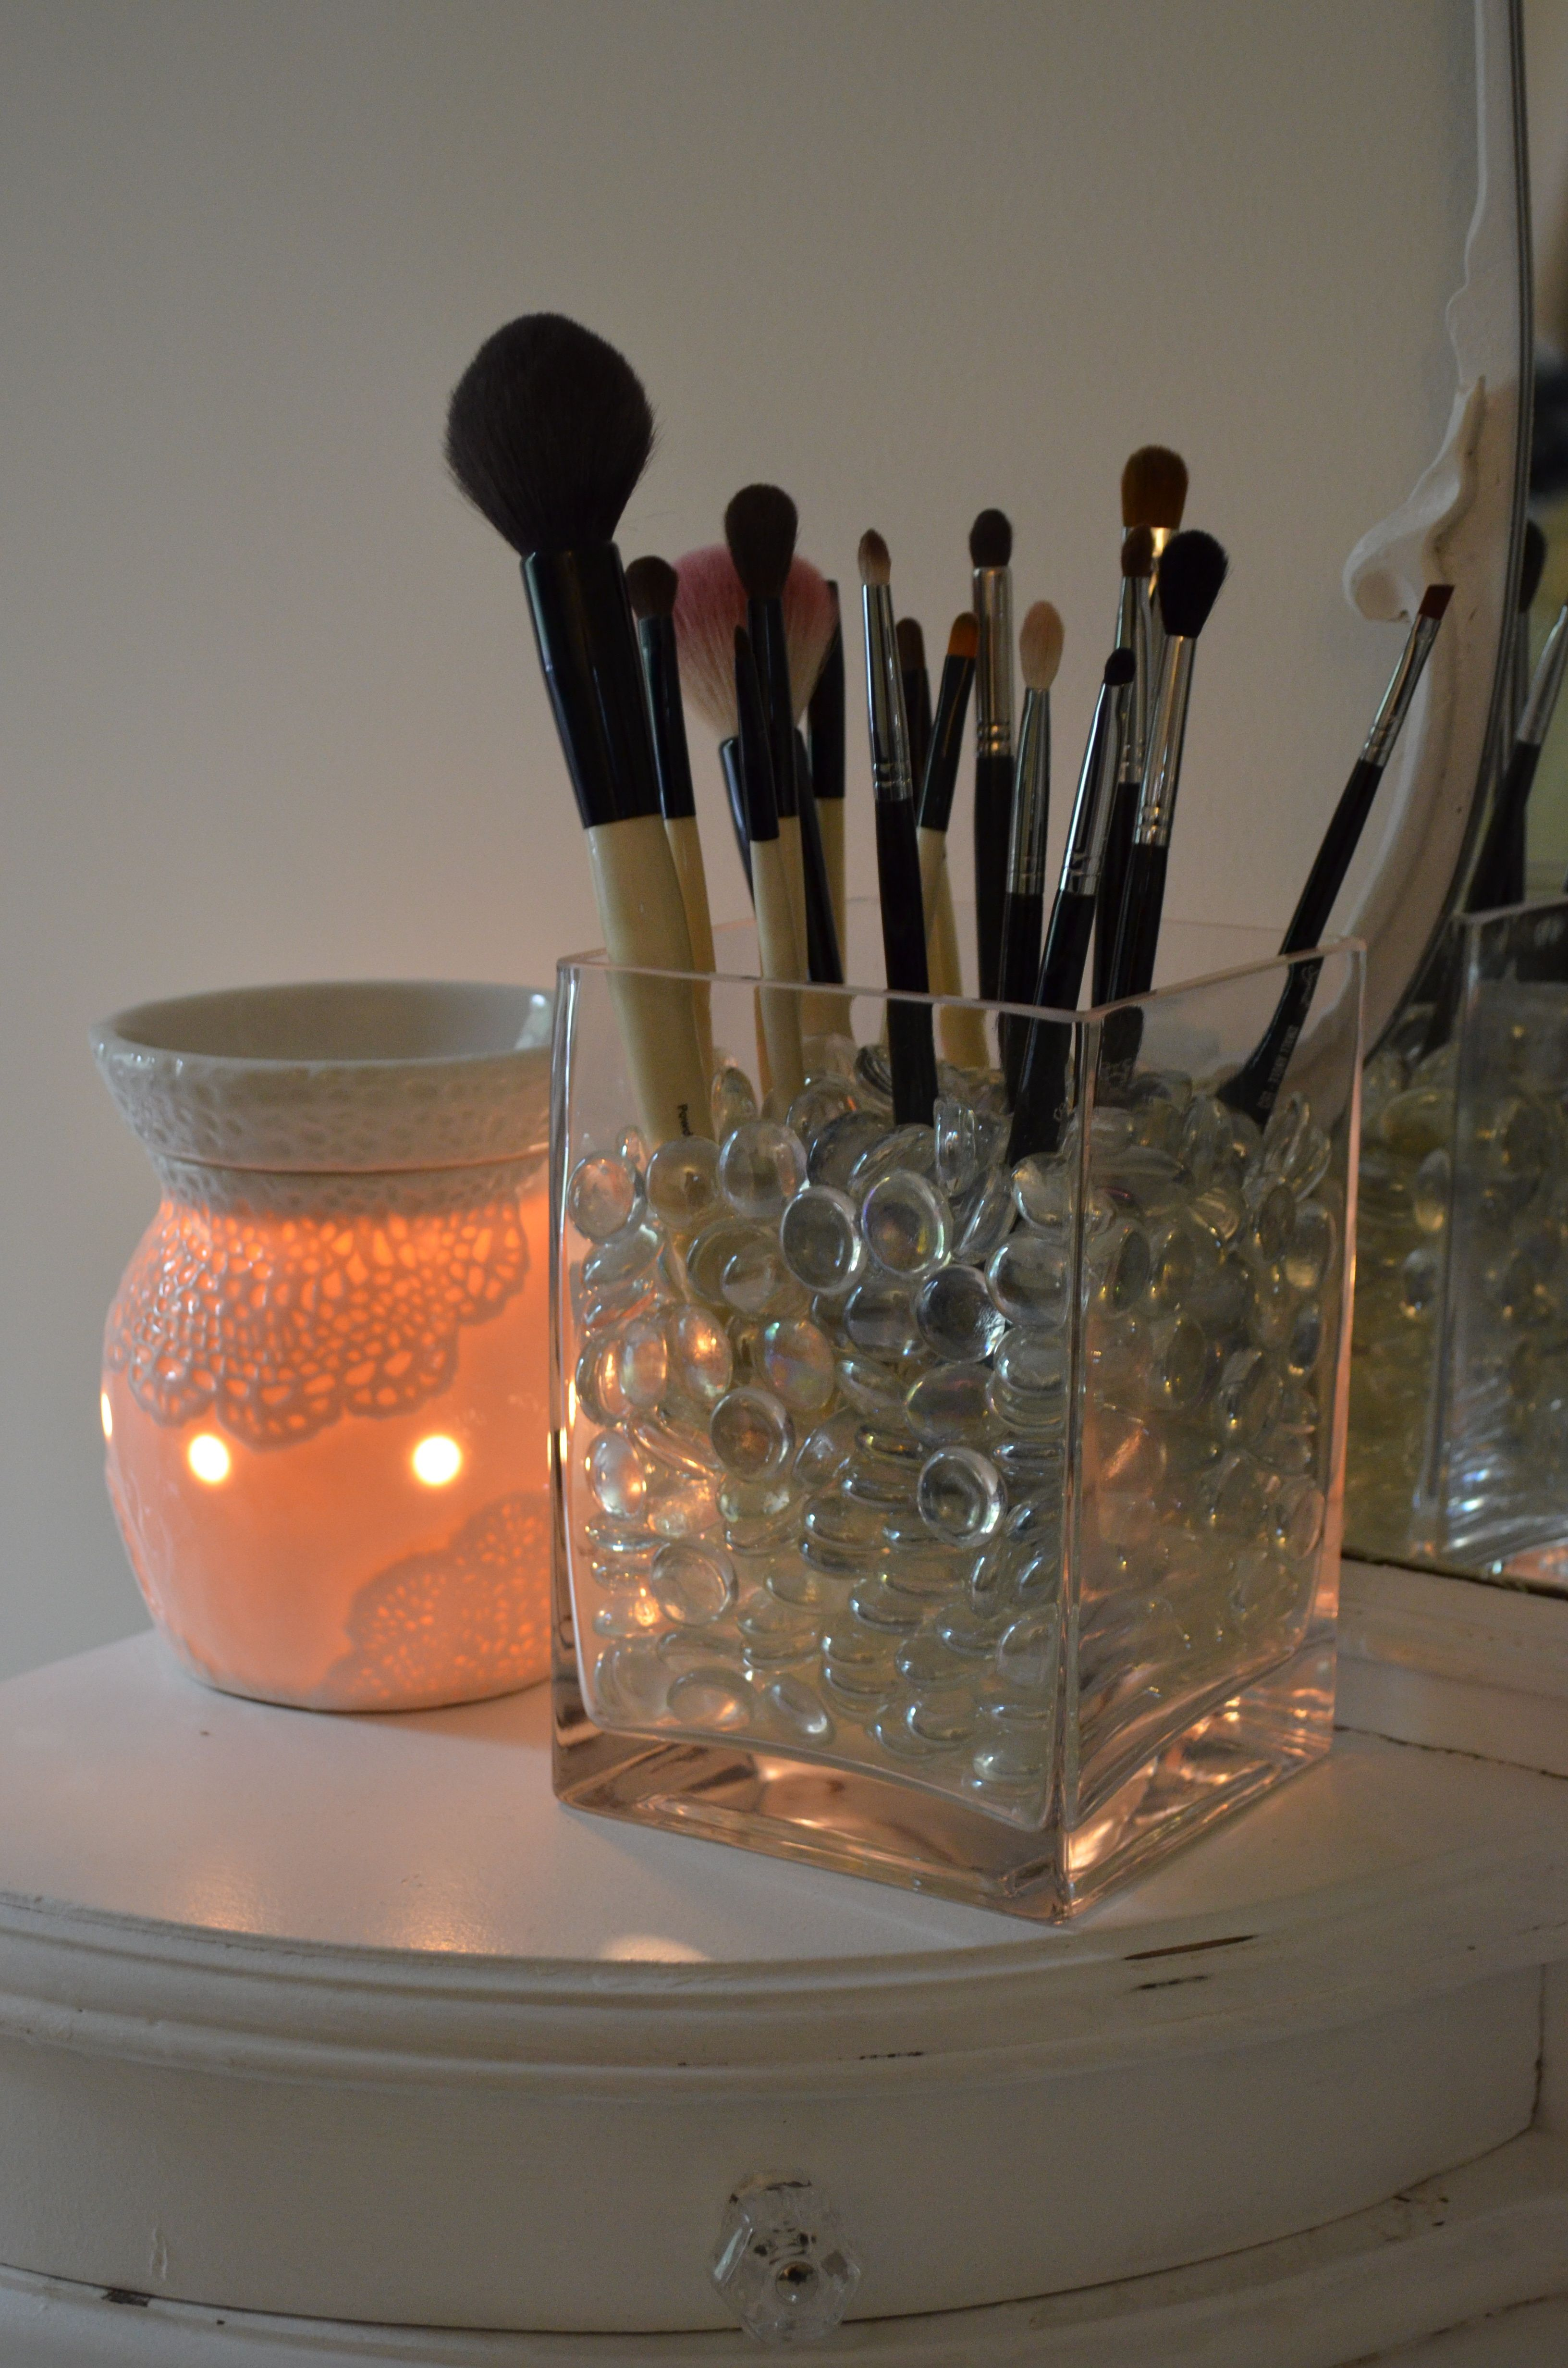 DIY Makeup Brush Holder | Makeup Brushes/Setup | Diy makeup brush, DIY Makeup, Makeup Brushes